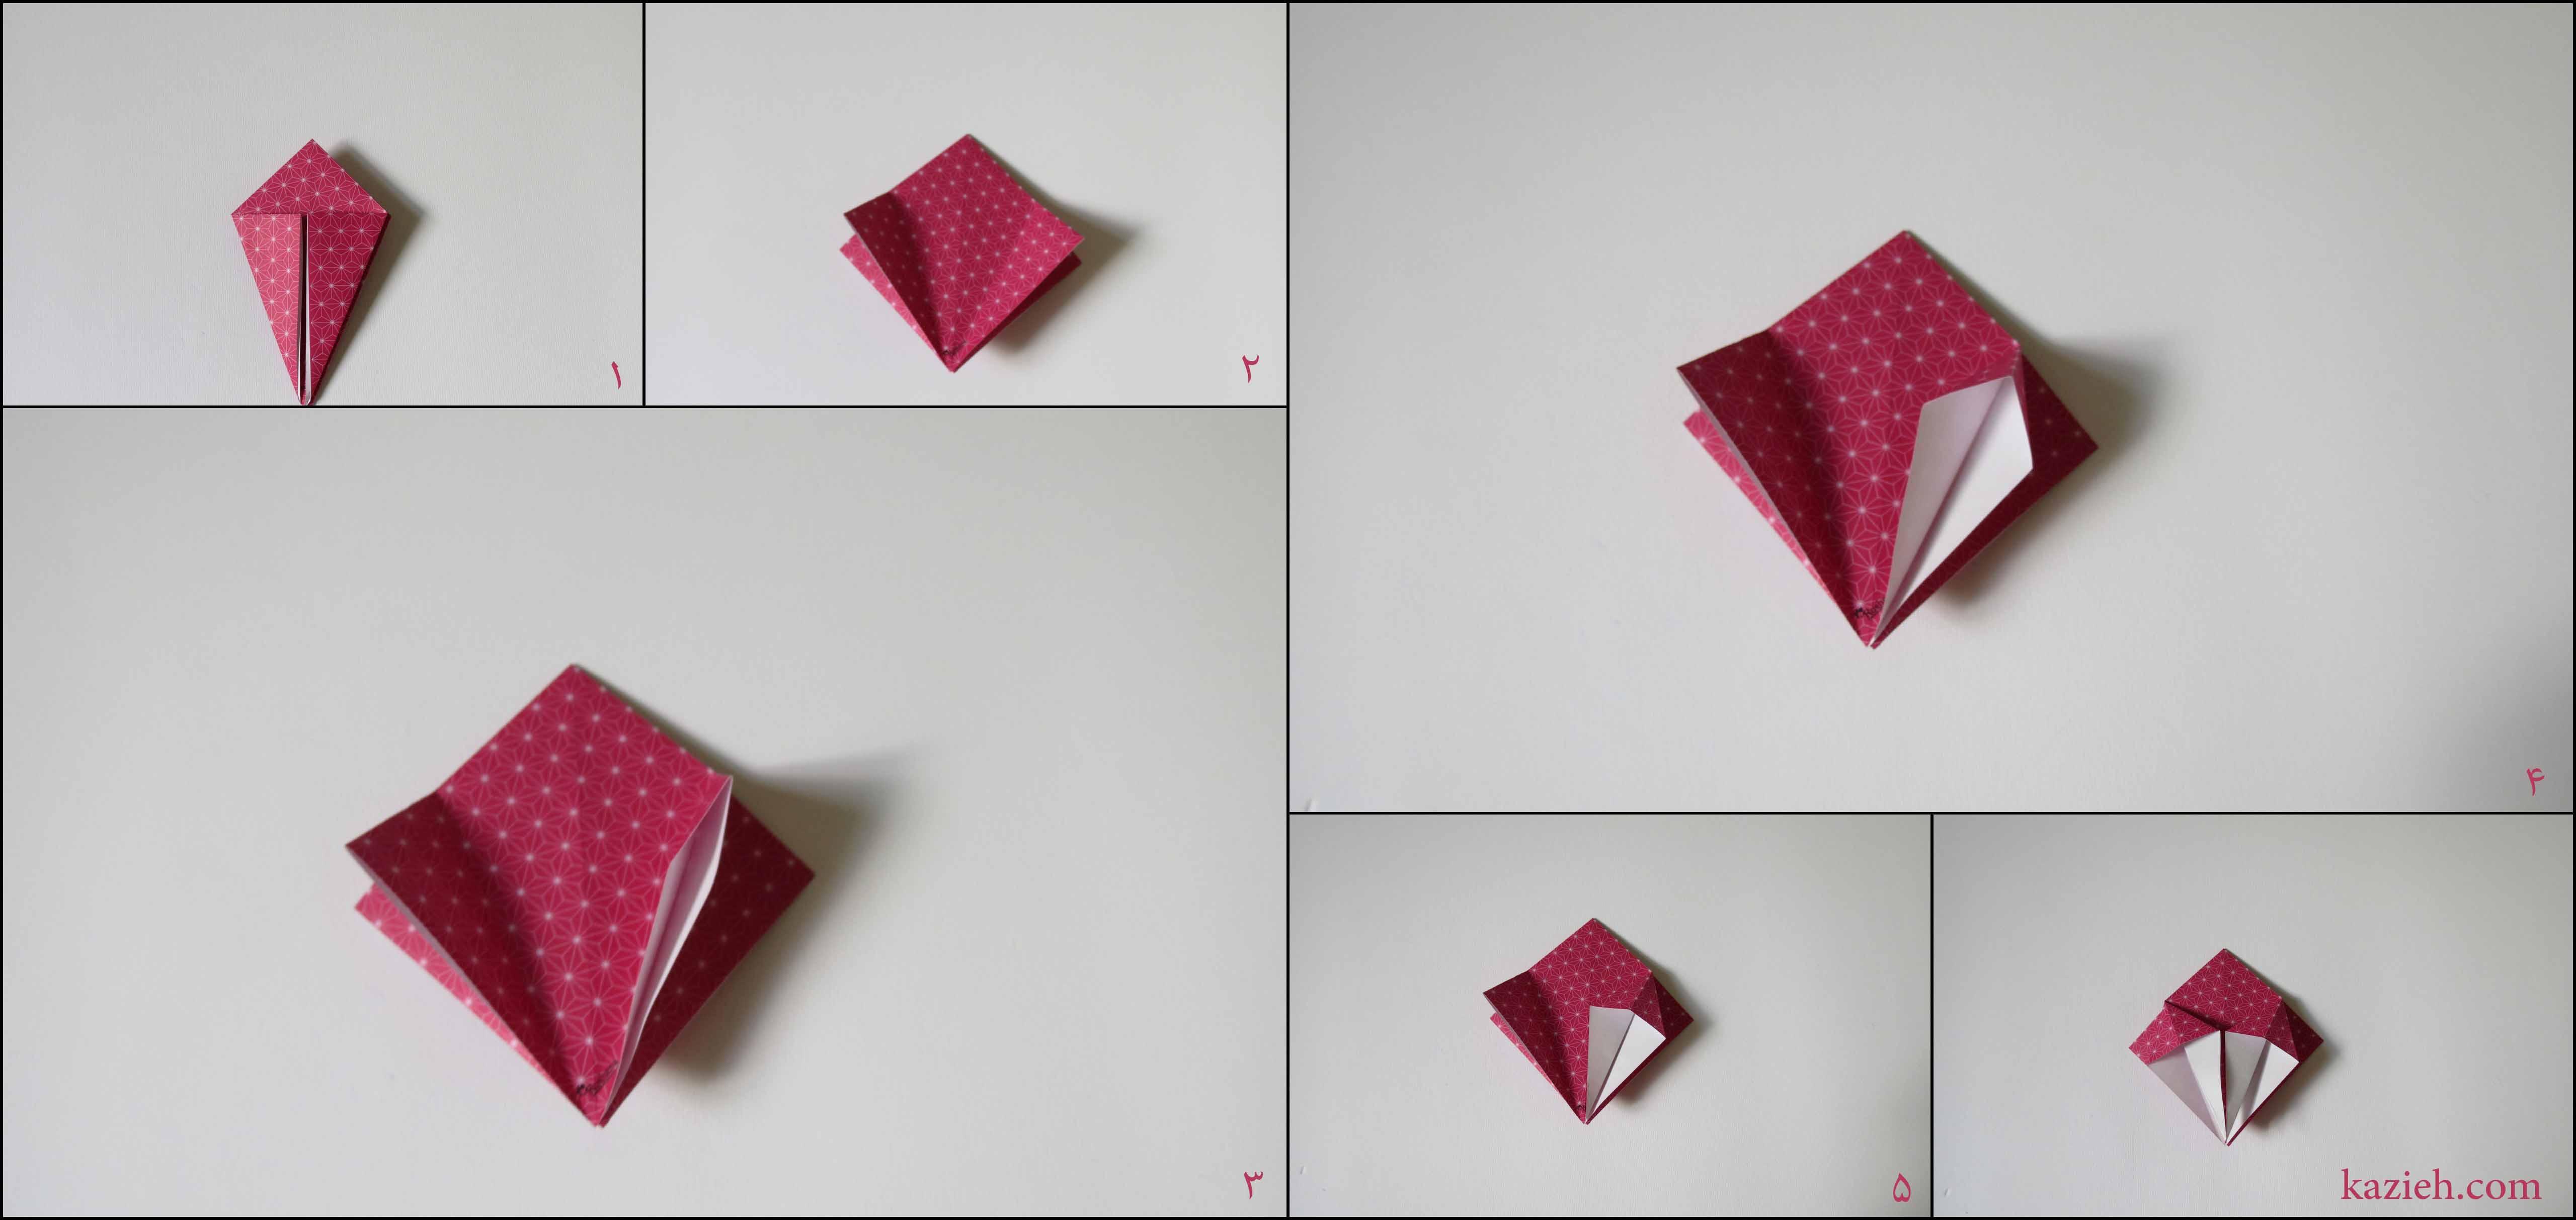 آموزش جعبه ستارهای اوریگامی کازیه - مرحله